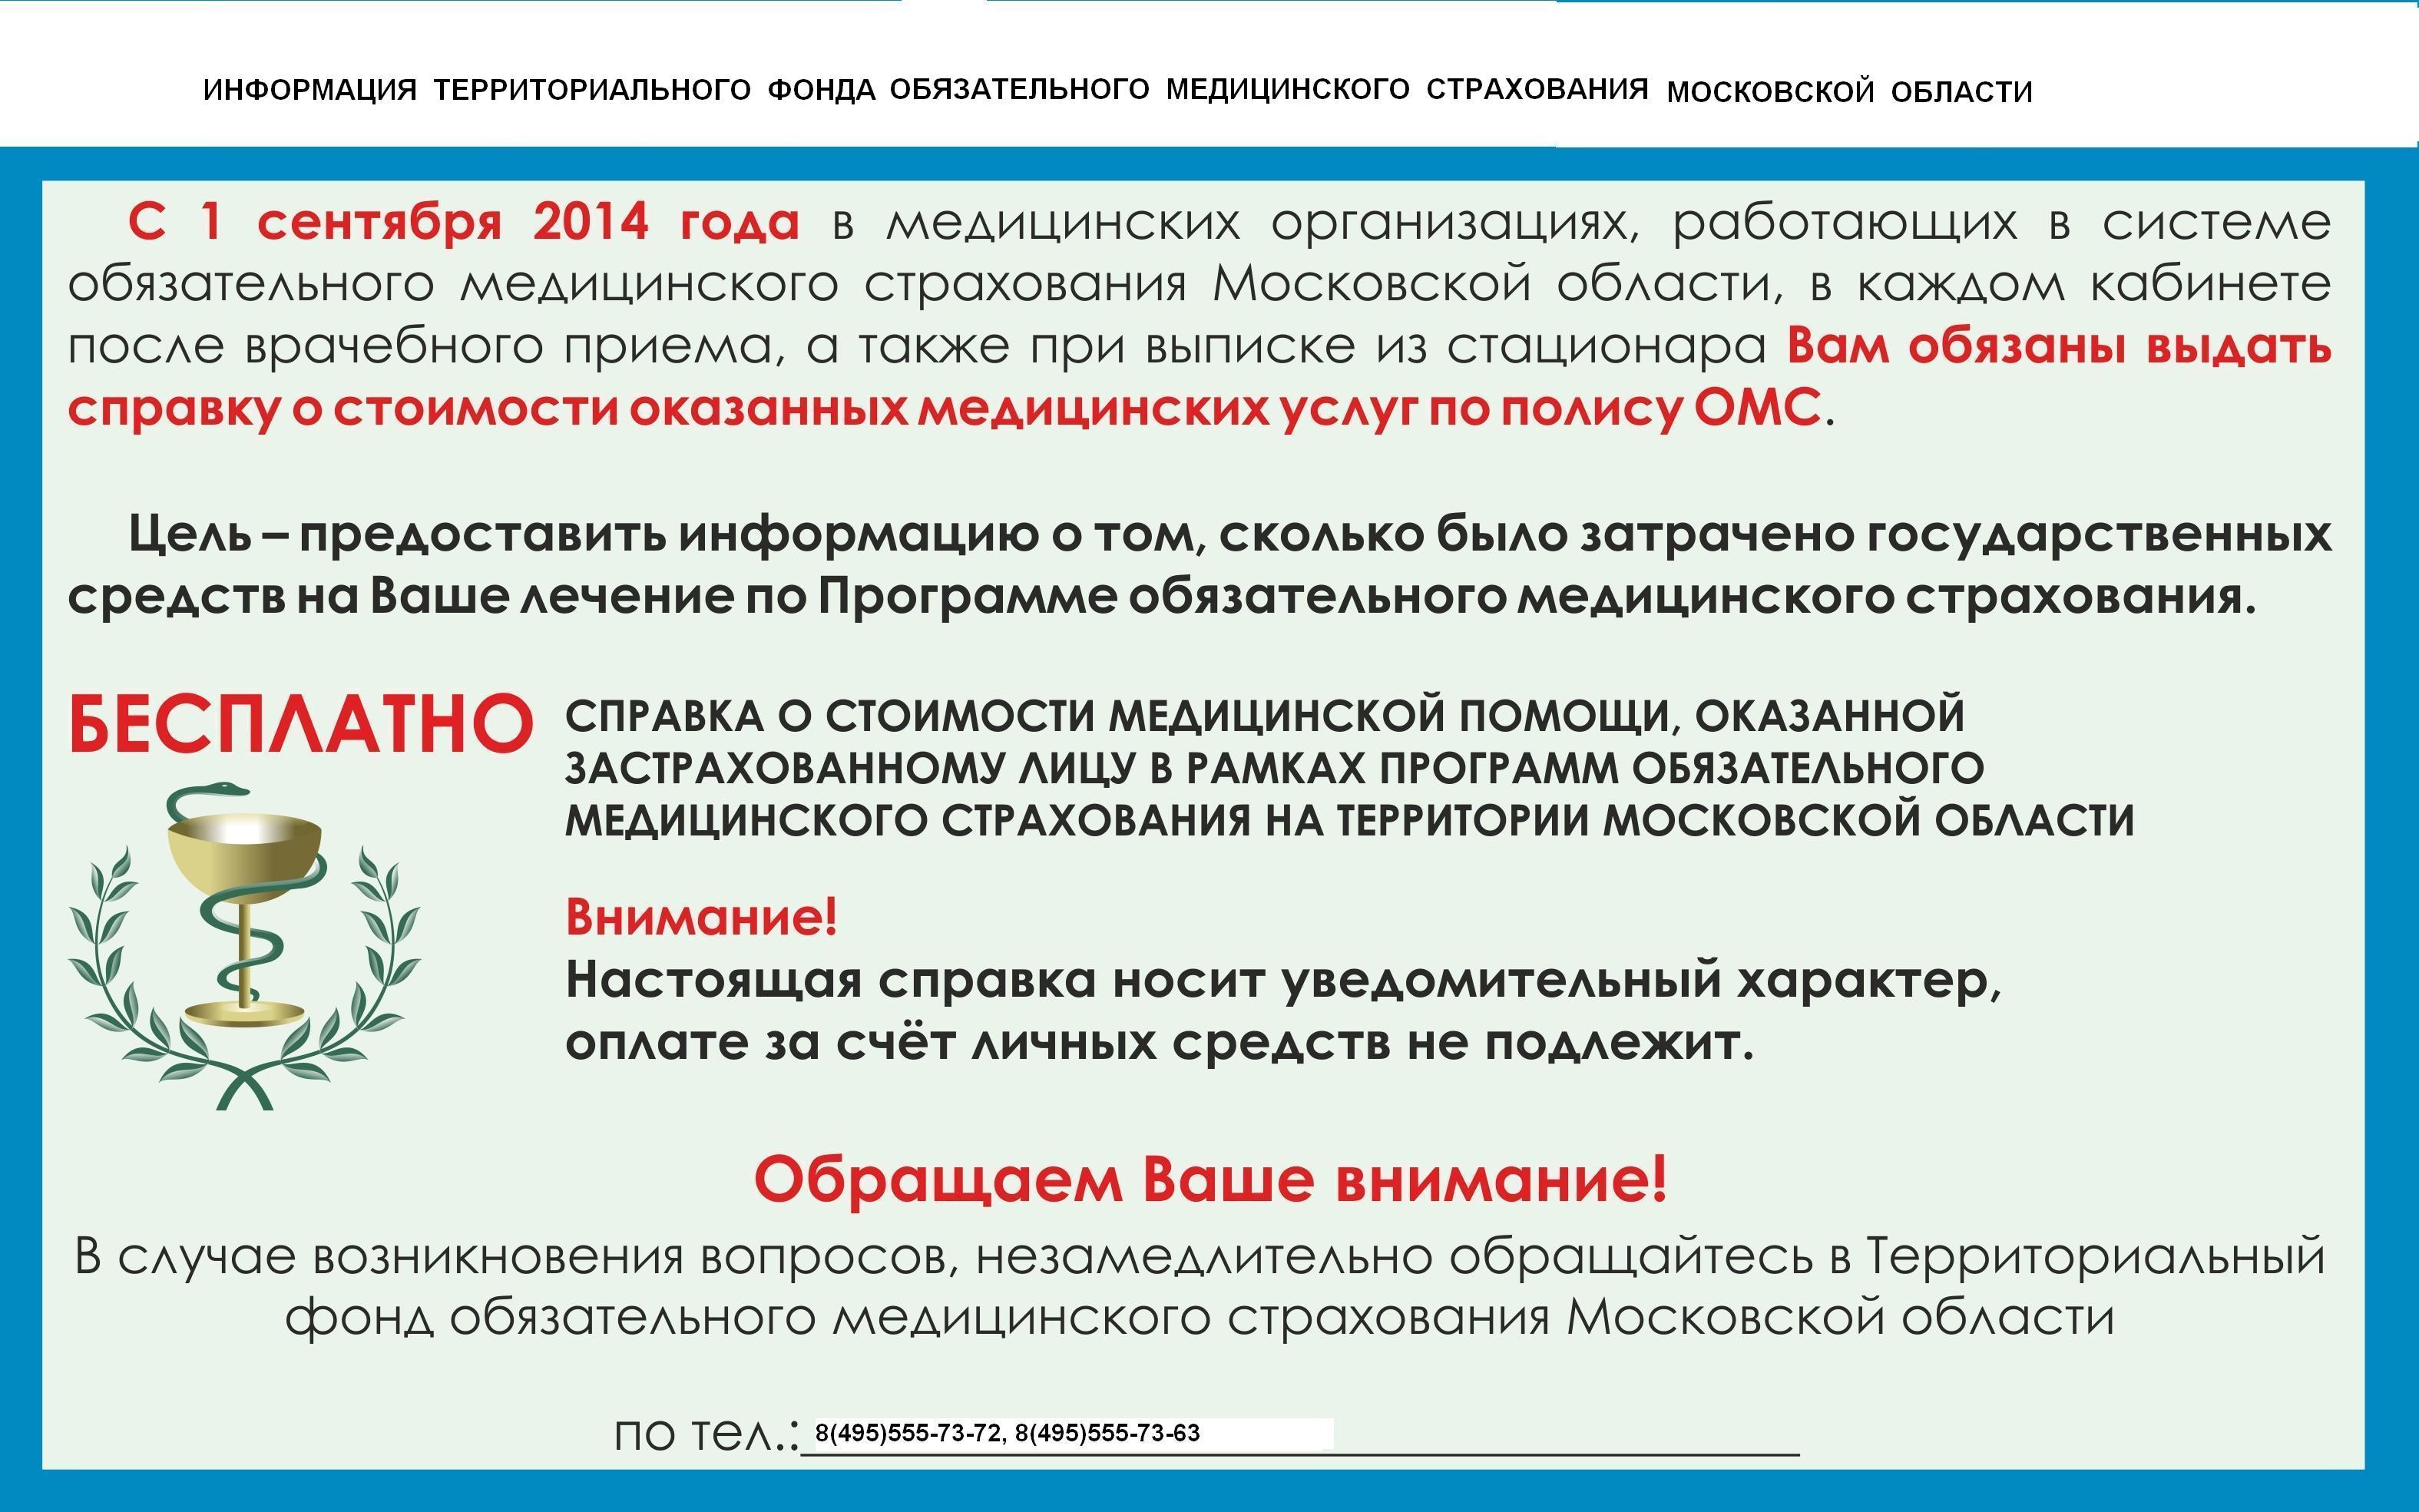 фонд обязательного медицинского страхования российской федерации был создан